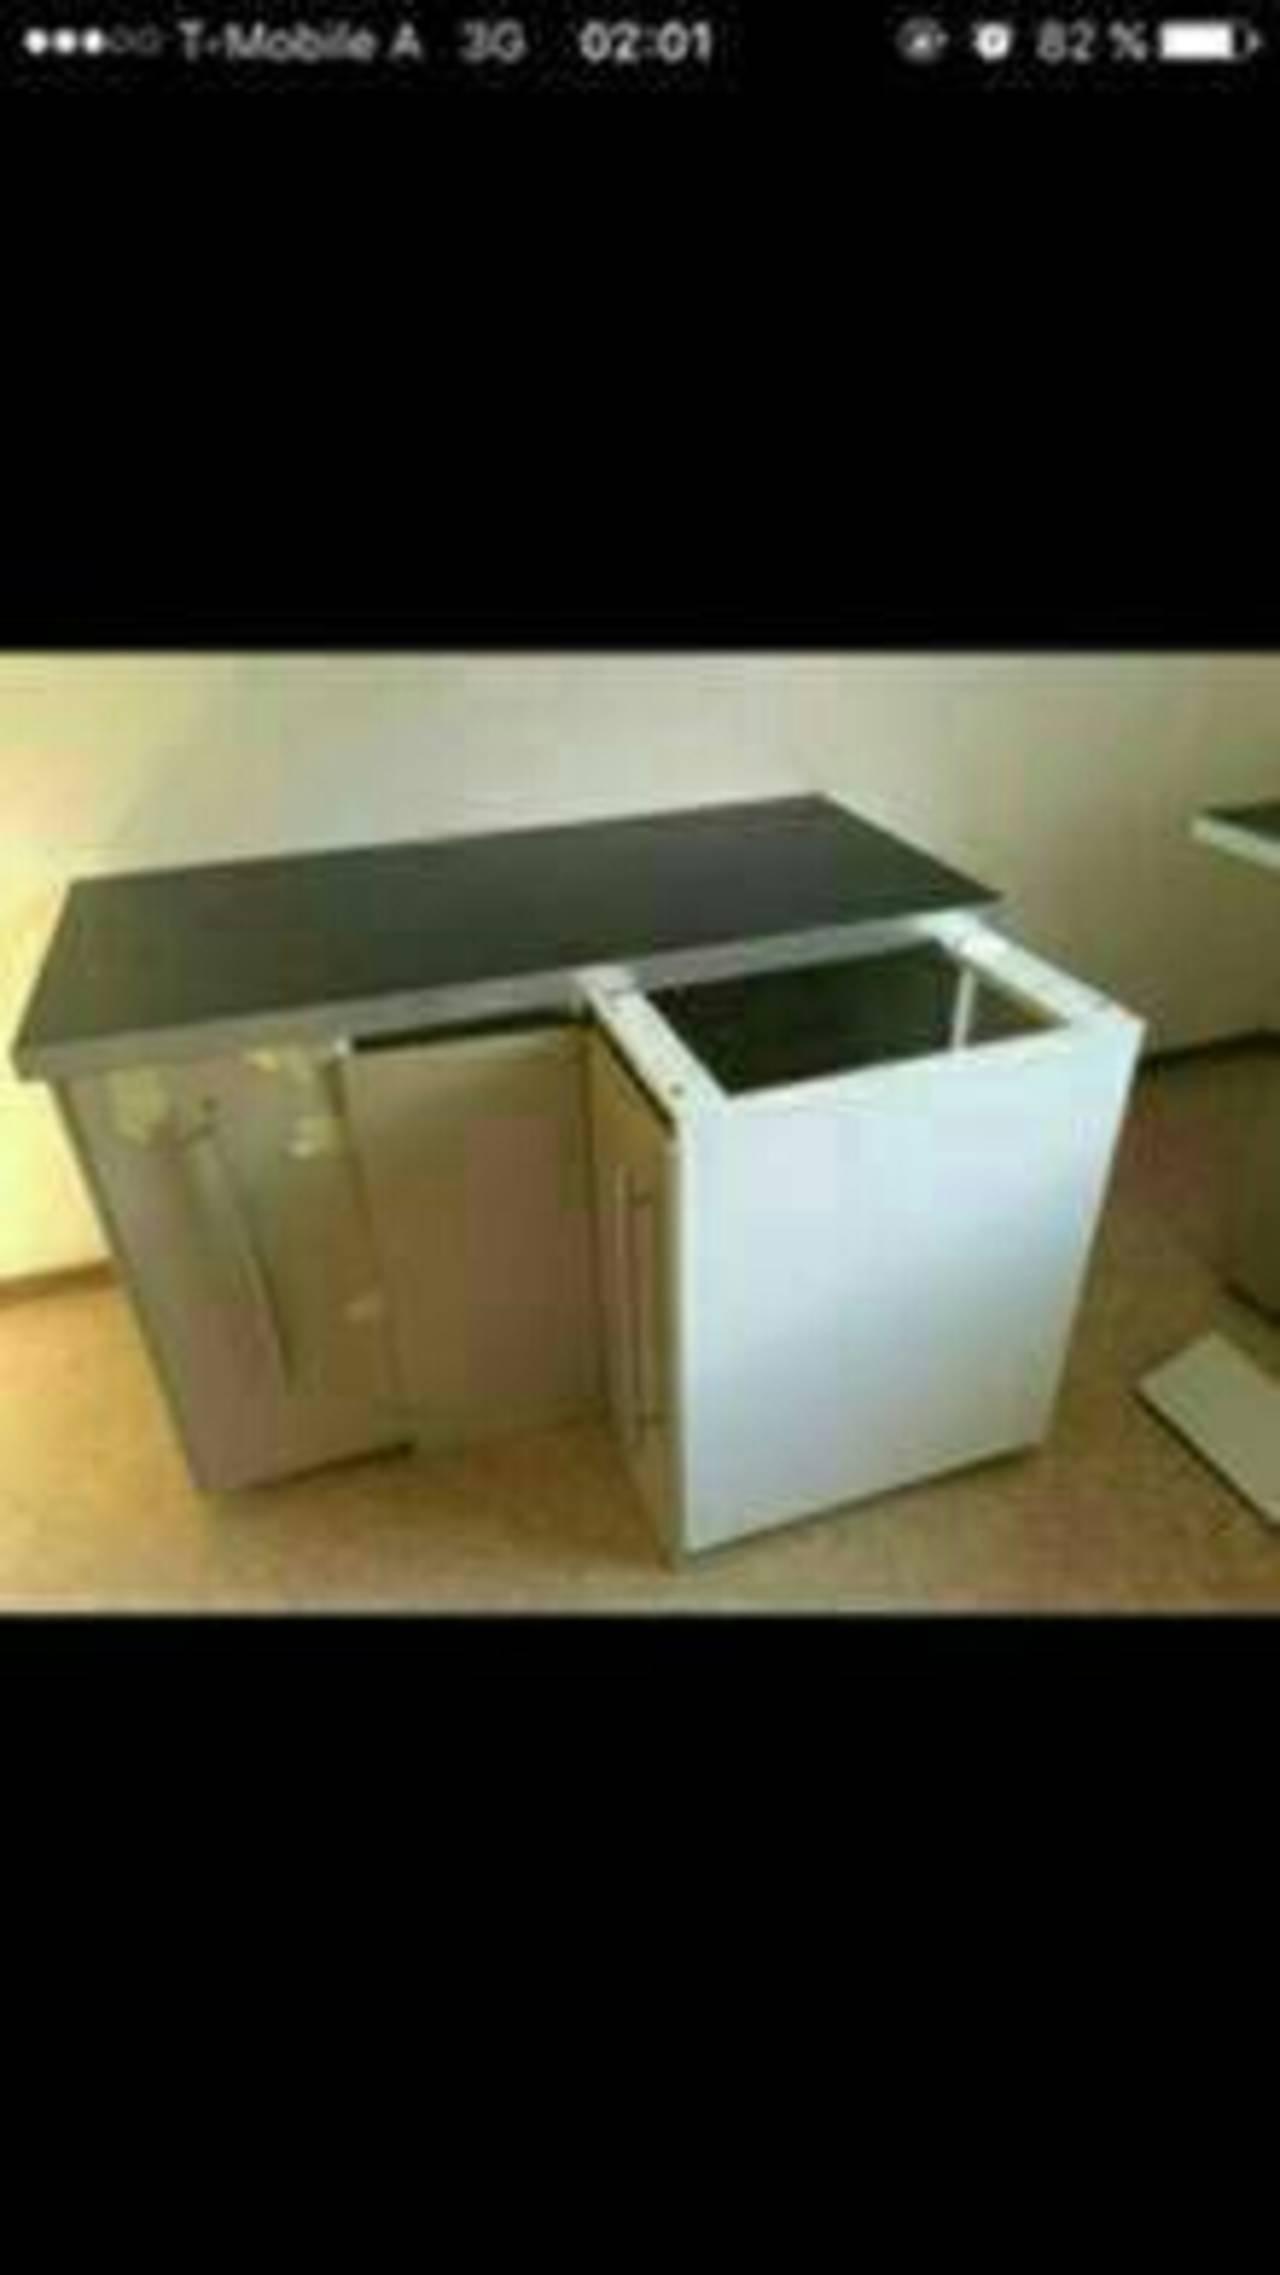 Full Size of Teppich Küchekomplettküche Mit Elektrogeräten Willhaben Komplettküche Komplettküche Angebot Respekta Küche Küchenzeile Küchenblock Einbauküche Komplettküche Weiß 320 Cm Küche Komplettküche